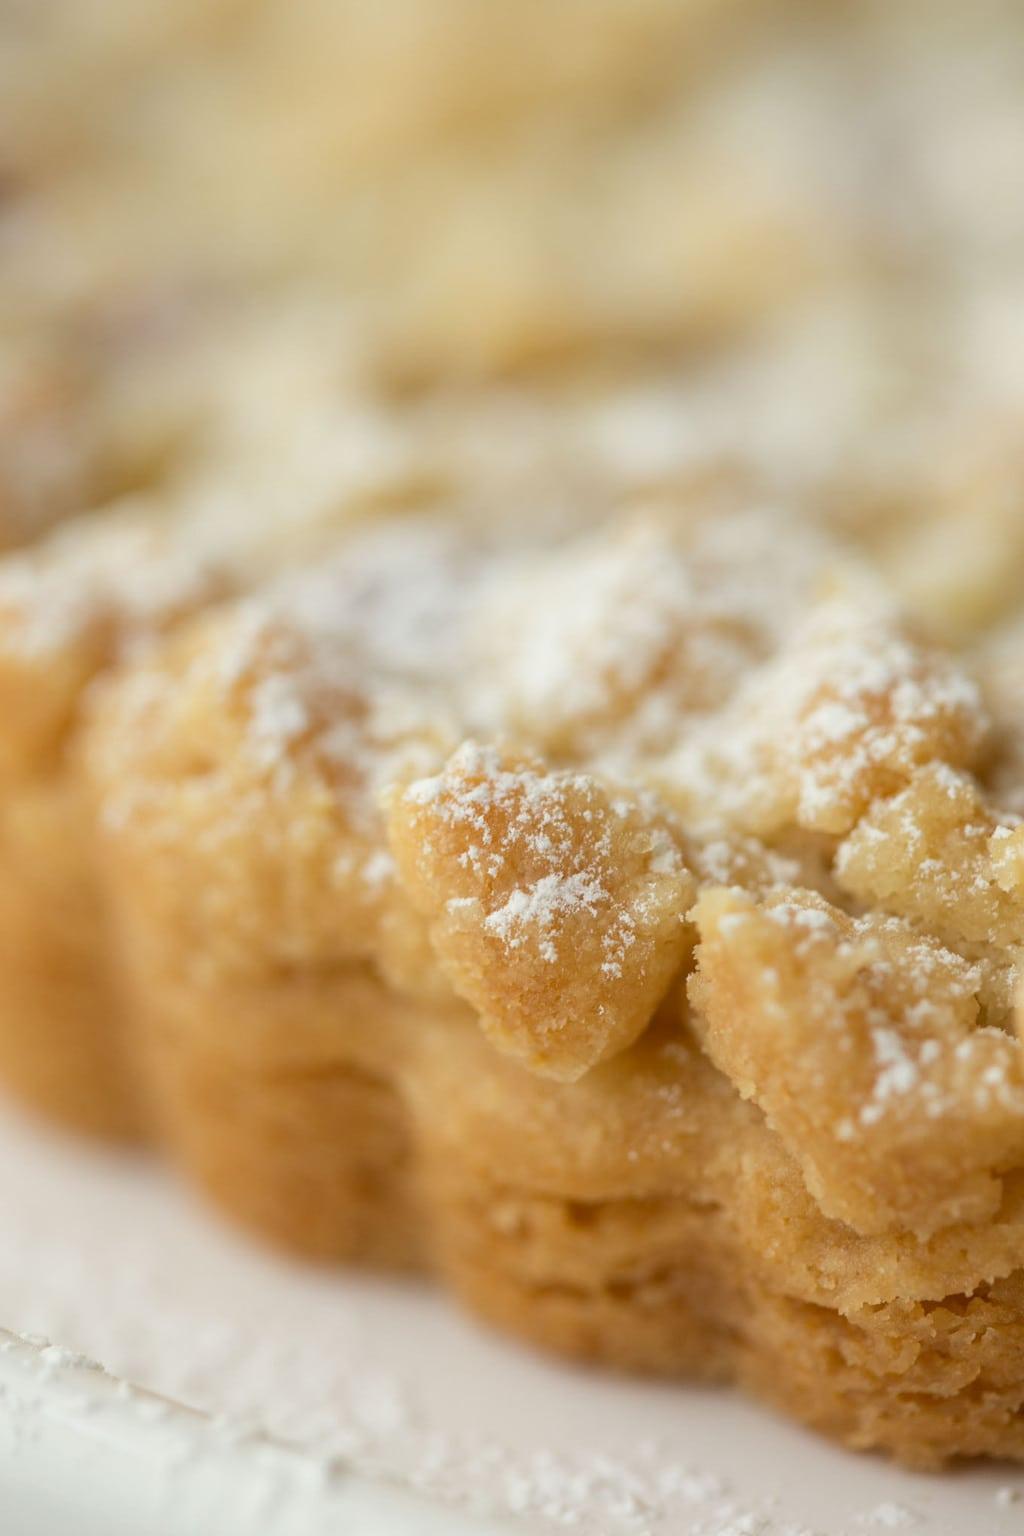 An ultra closeup of the side of a Raspberry Jam Shortbread Tart